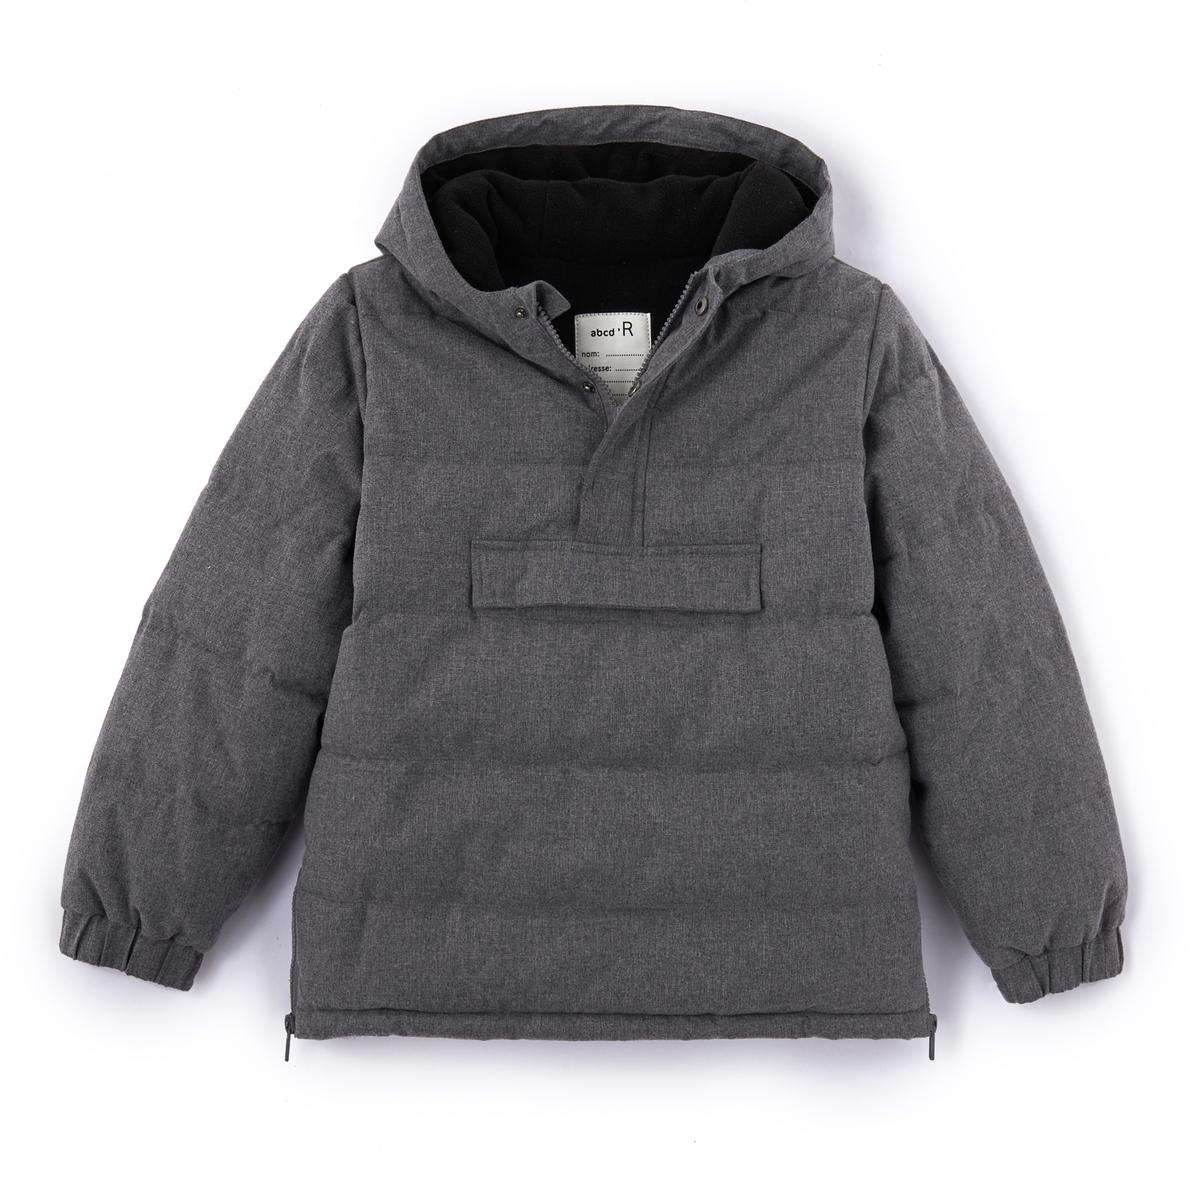 Куртка без застежки, 3-12 летДетали •  Зимняя модель •  Непромокаемая •  Застежка на молнию •  С капюшоном  •  Длина  : средняяСостав и уход •  100% полиэстер •  Температура стирки 30°   •  Сухая чистка и отбеливание запрещены •  Барабанная сушка на умеренном режиме •  Не гладить<br><br>Цвет: серый<br>Размер: 12 лет -150 см.3 года - 94 см